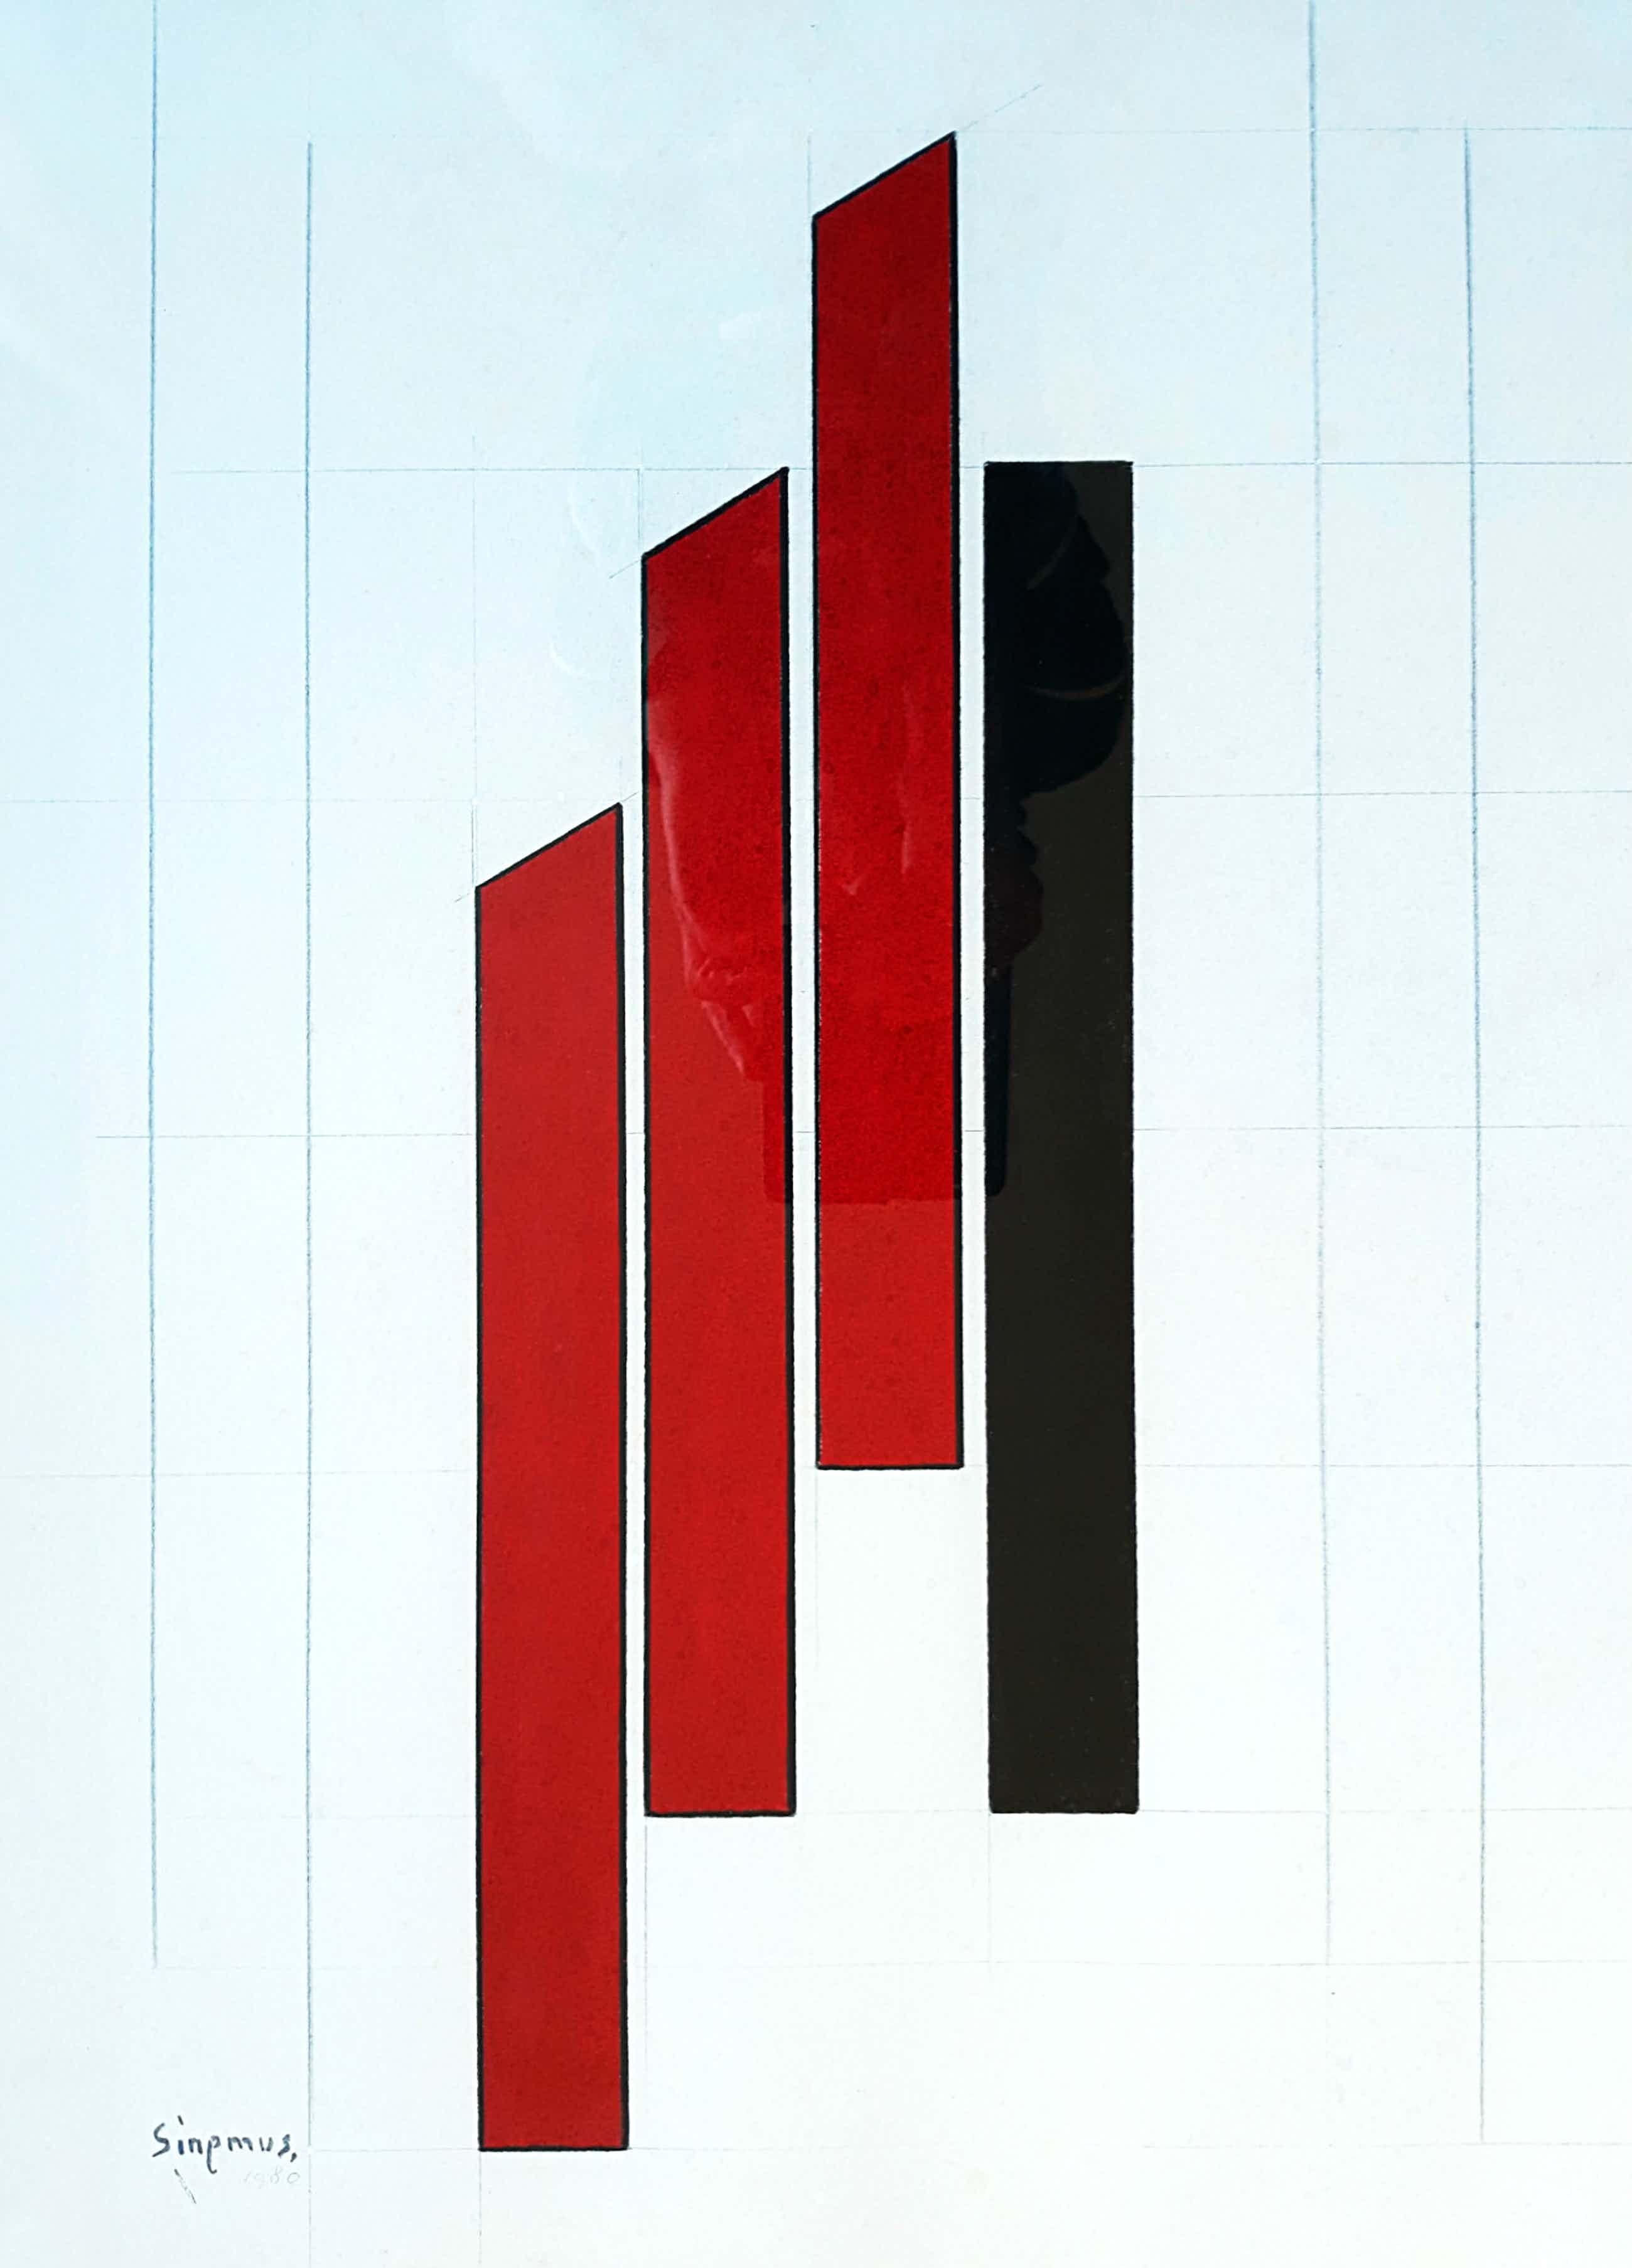 Wim Sinemus - Geometrisch abstracte compositie, gouache (ingelijst) kopen? Bied vanaf 420!